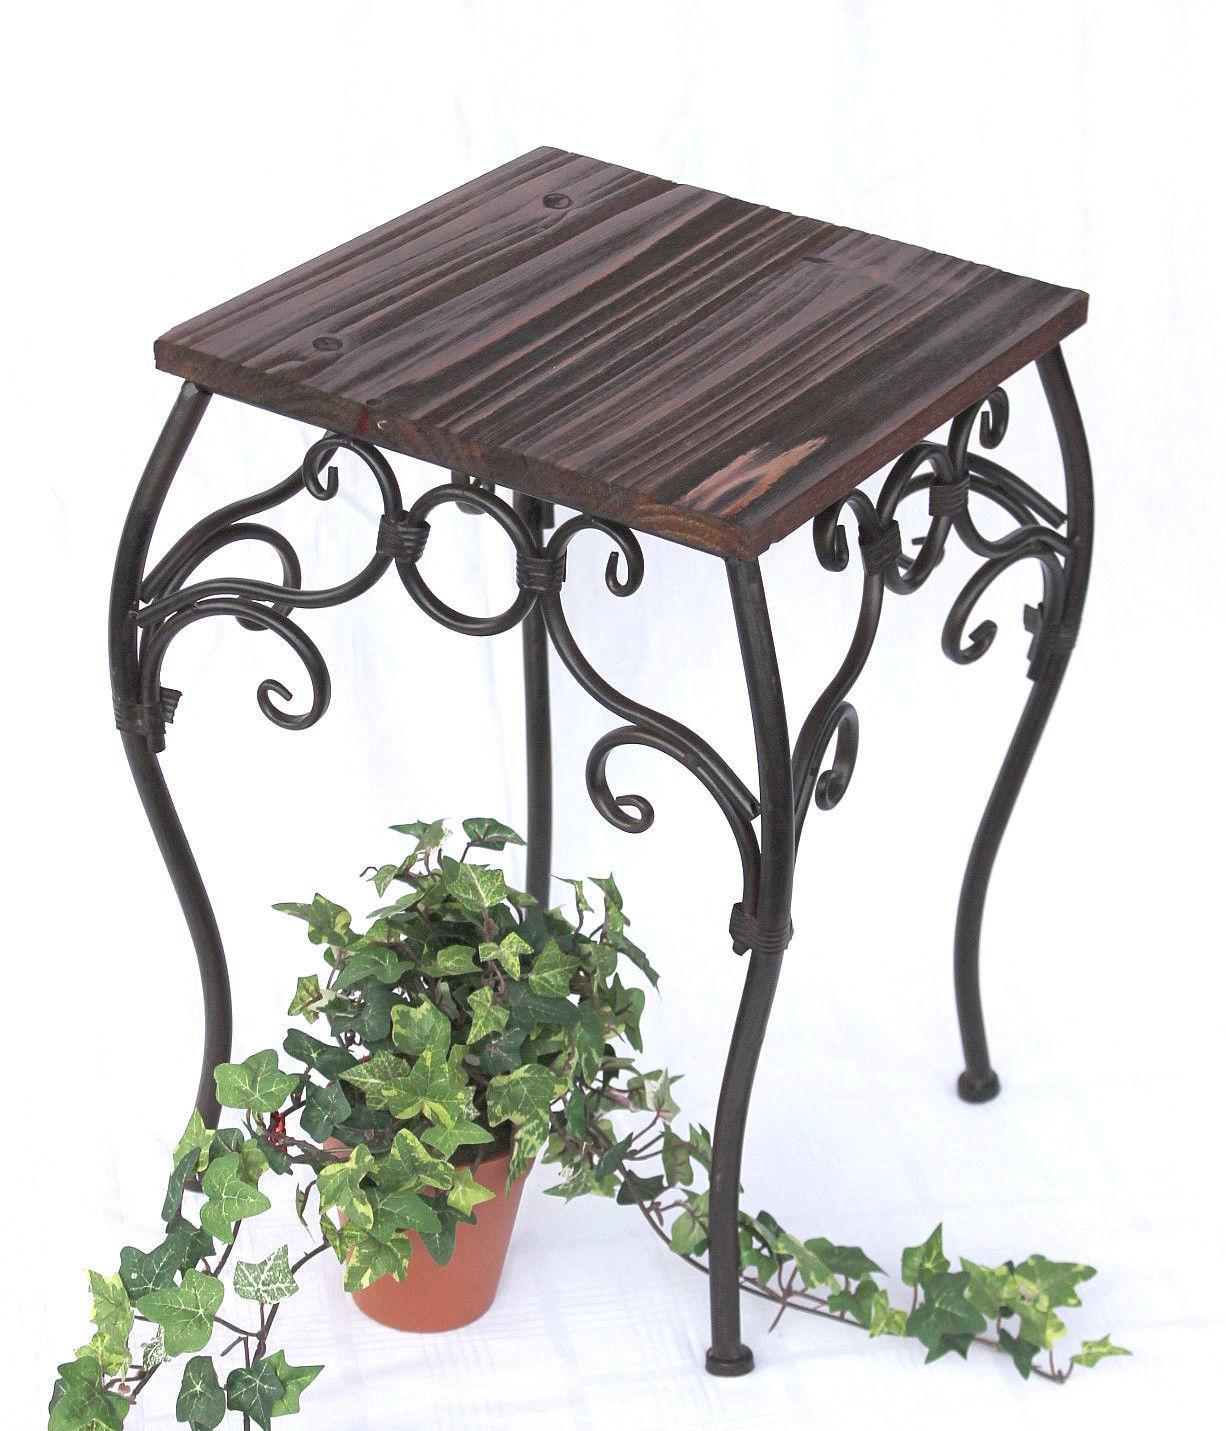 blumenhocker 2er set 12593 blumenst nder 34 43 cm eckig blumens ule tisch 4229223125901 ebay. Black Bedroom Furniture Sets. Home Design Ideas